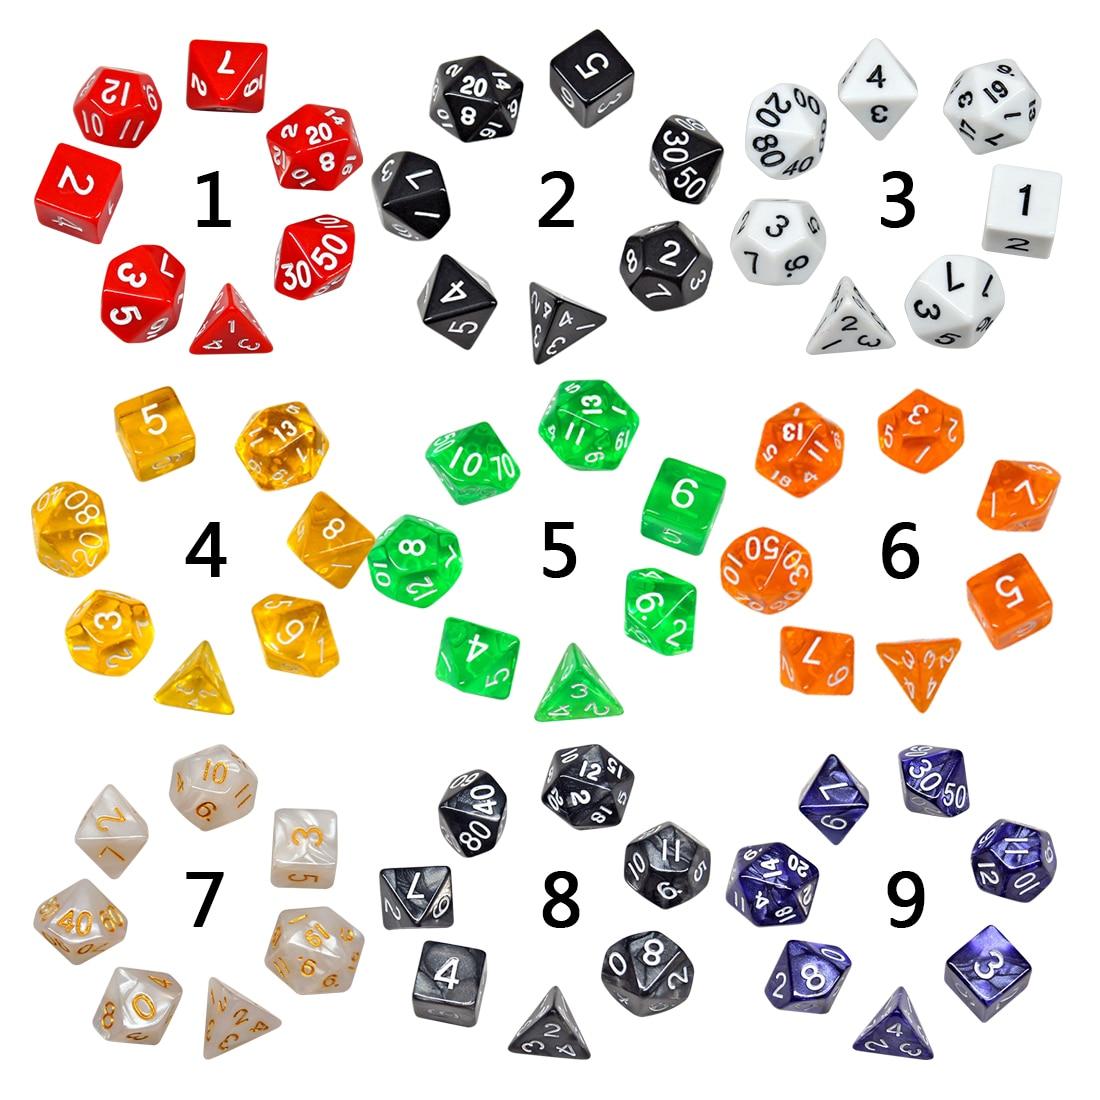 Juego de dados de 7 Uds con efecto nebulosa poker d & d d4 d6 d8 d10 d % d12 d20 dados de juego poliédricos